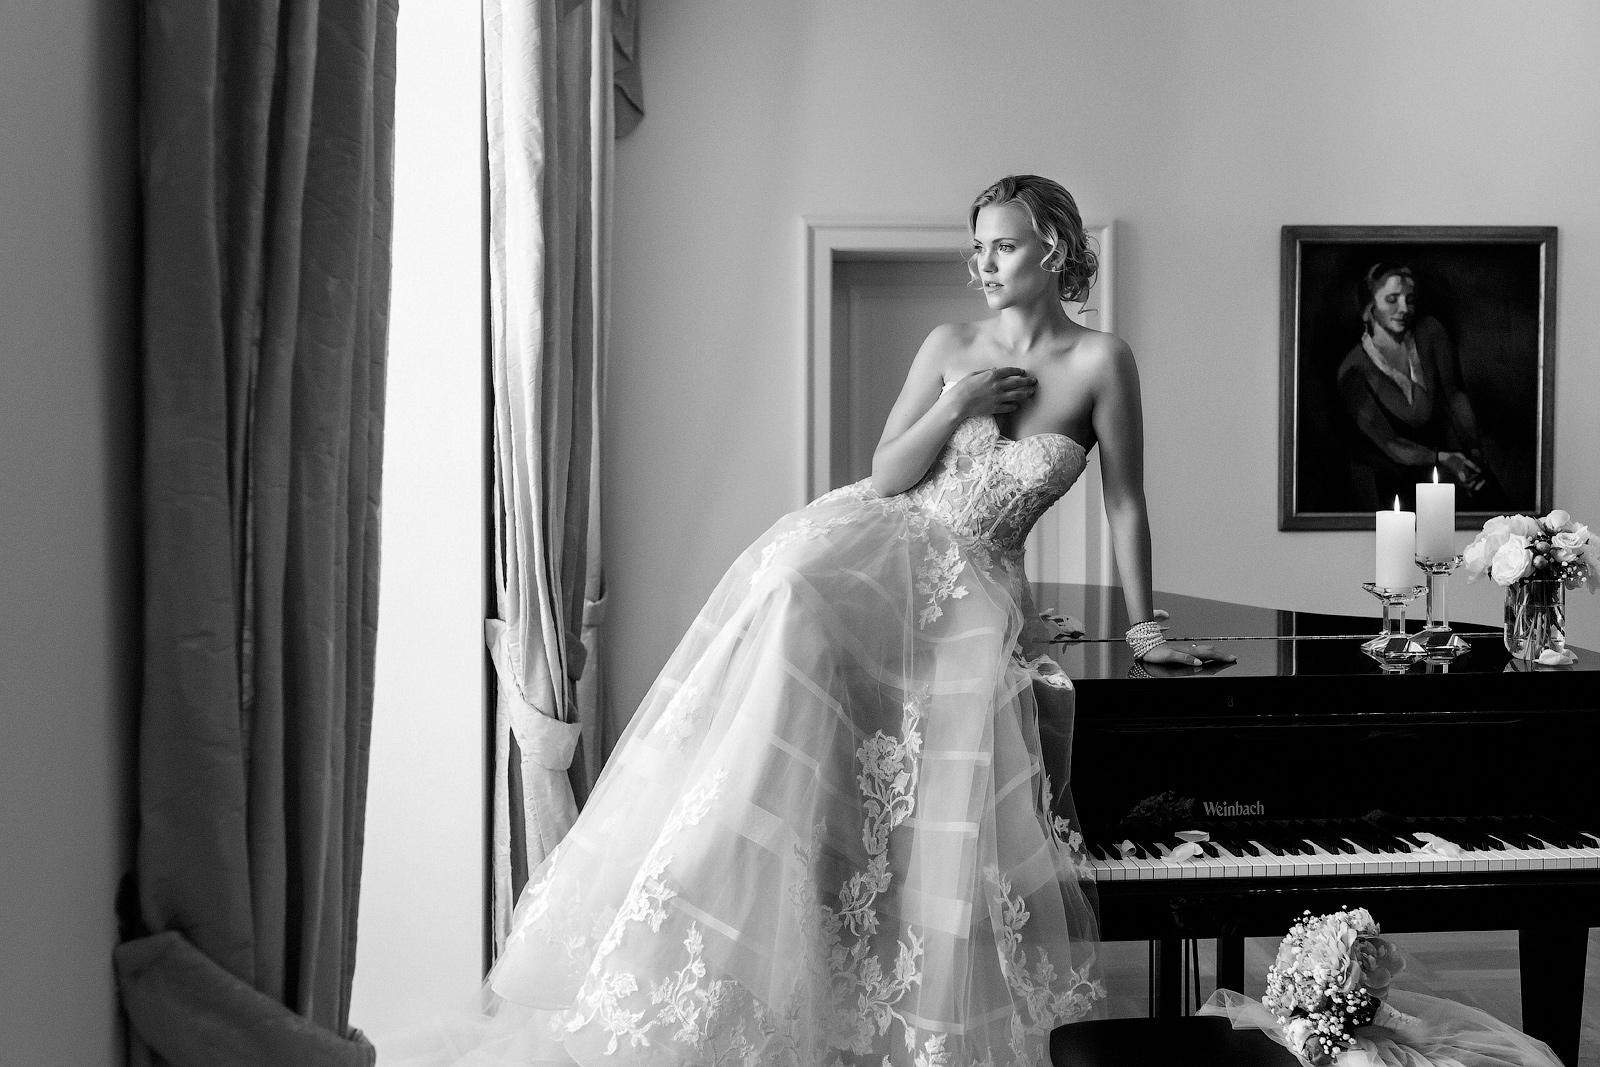 Schwarz/Weiß Porträt einer Braut, mit Tipps zur fotografischen Umsetzung.